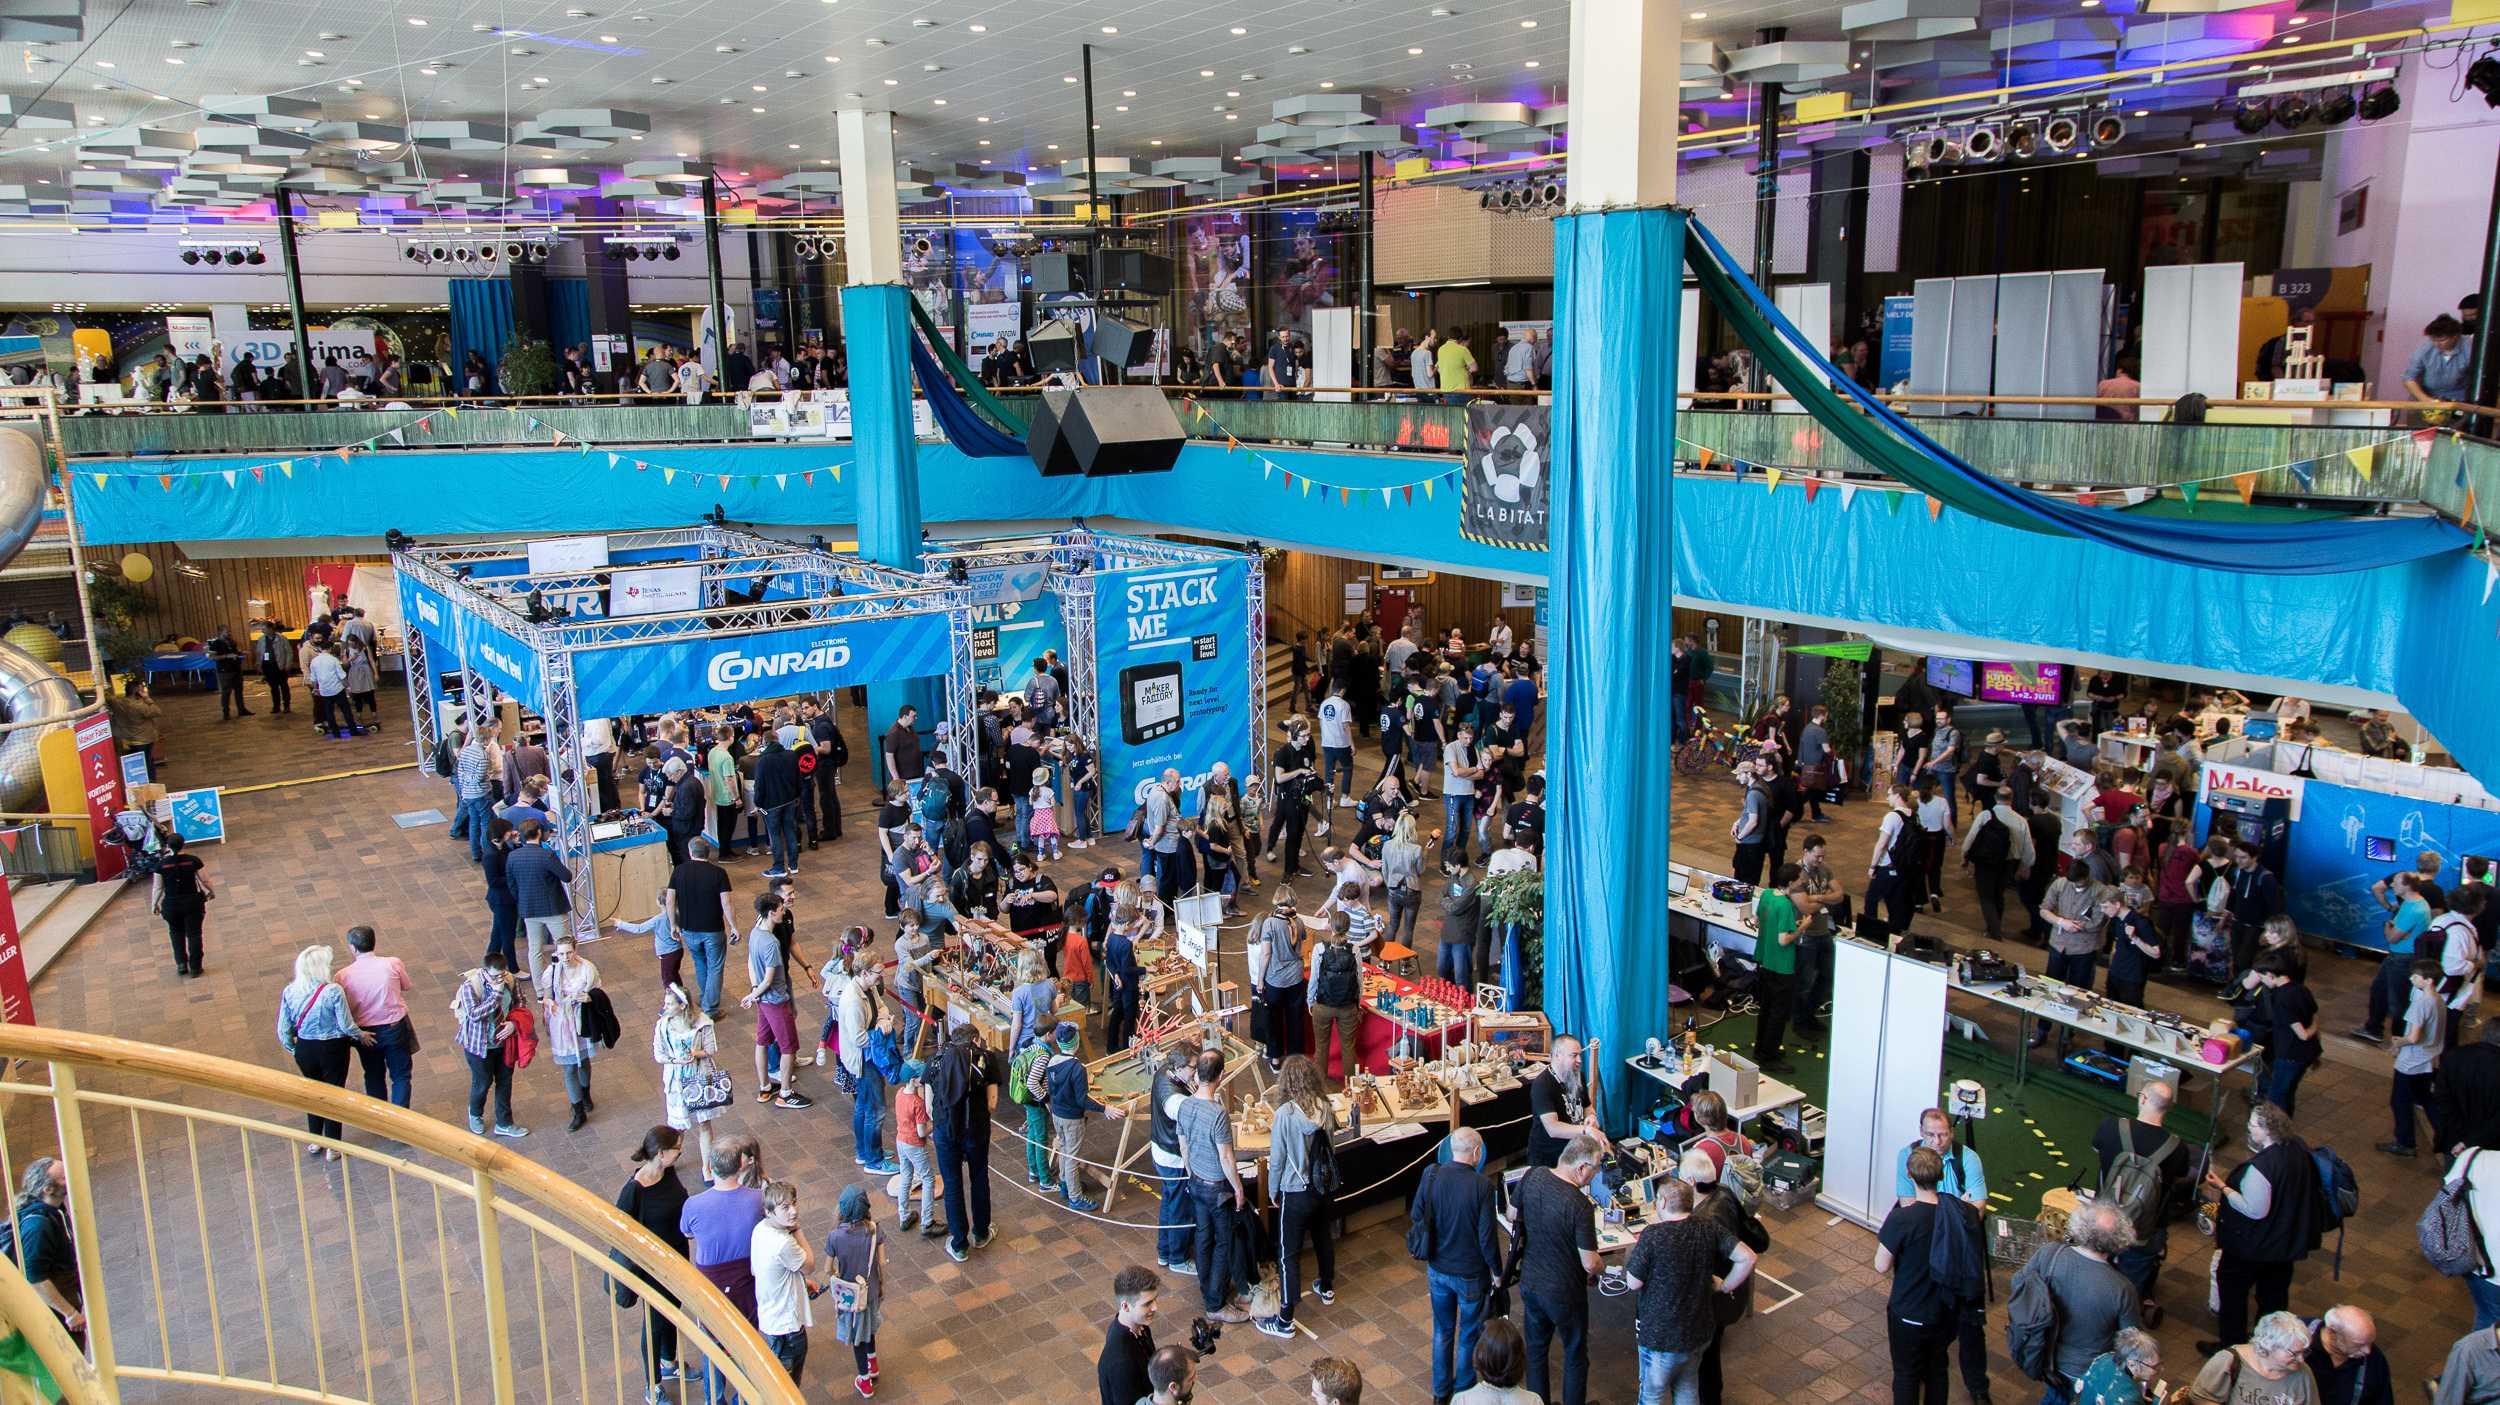 Blick in das Foyer des FEZ Berlin mit Ständen und Menschen während der Maker Faire Berlin 2019.